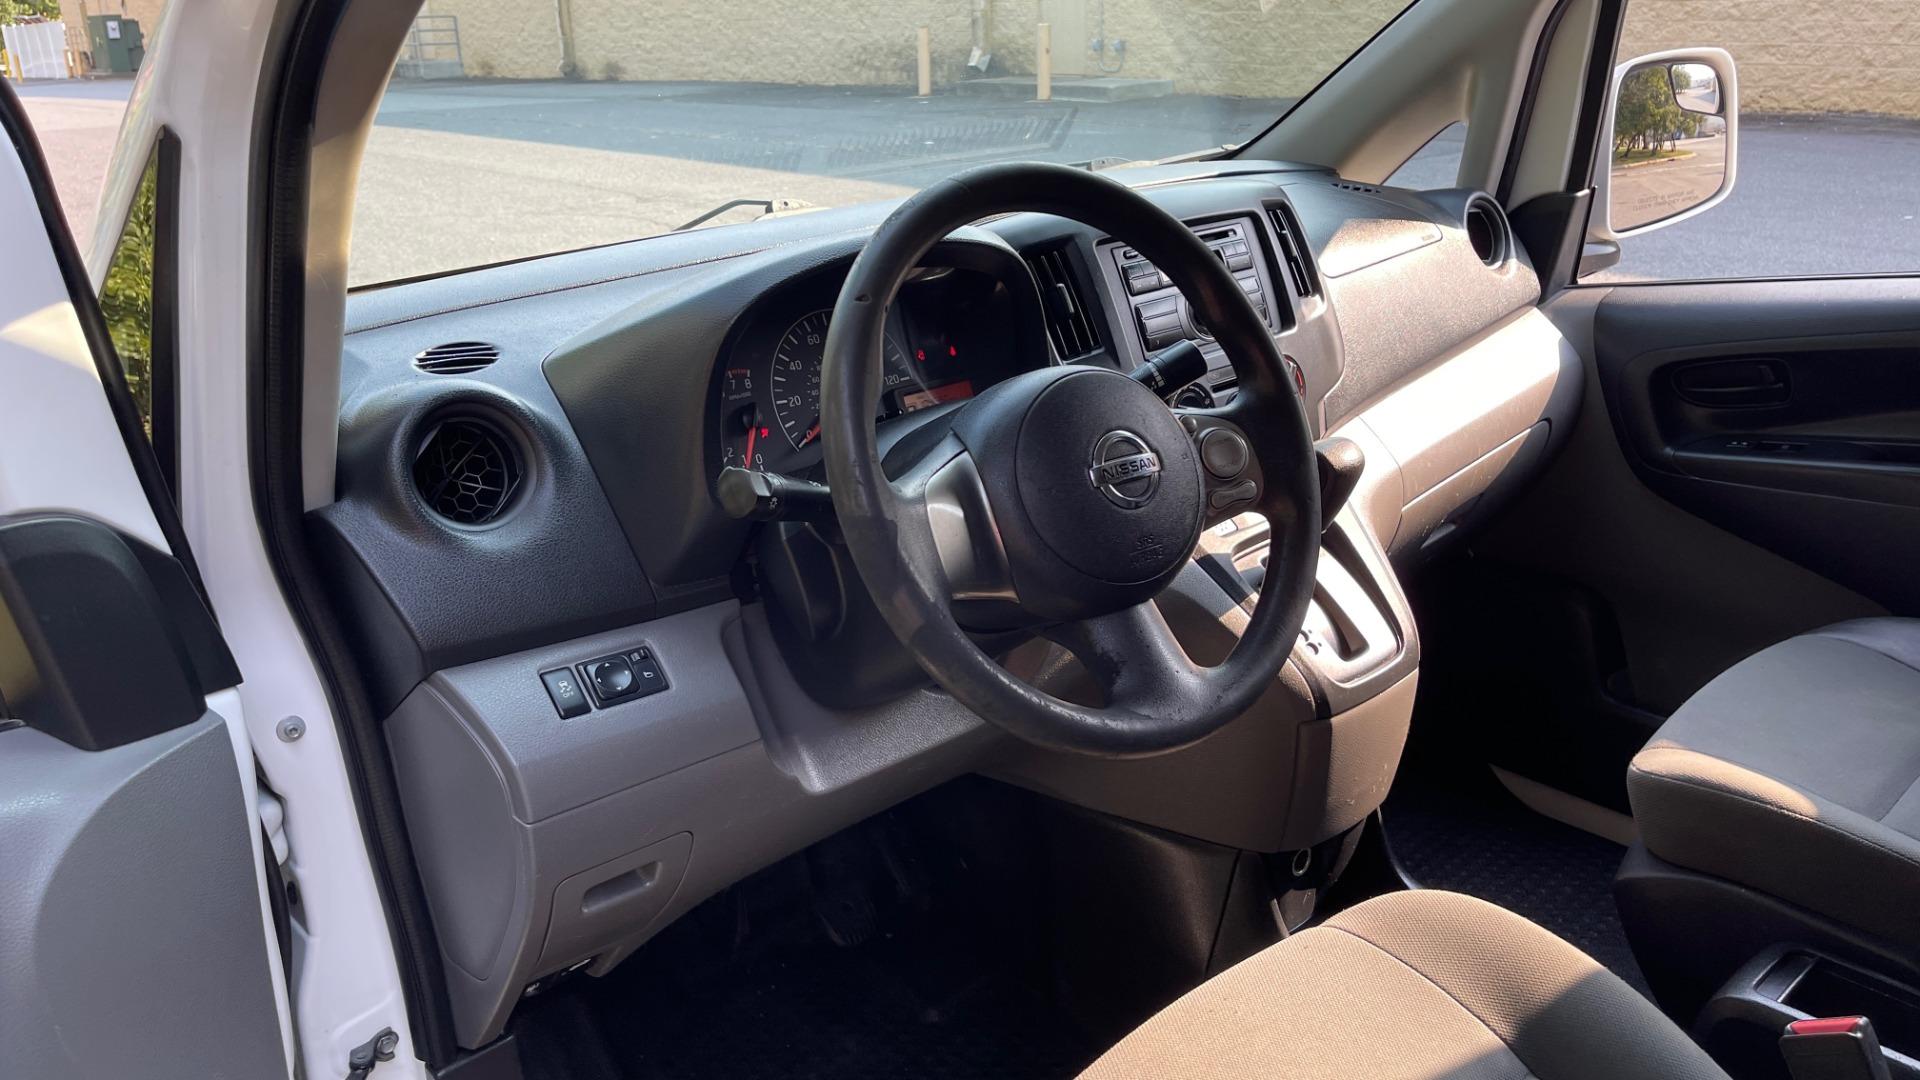 Used 2016 Nissan NV200 SV / WORK VAN / EXT APPEARNACE PKG / SPLASH GUARDS for sale $15,400 at Formula Imports in Charlotte NC 28227 21